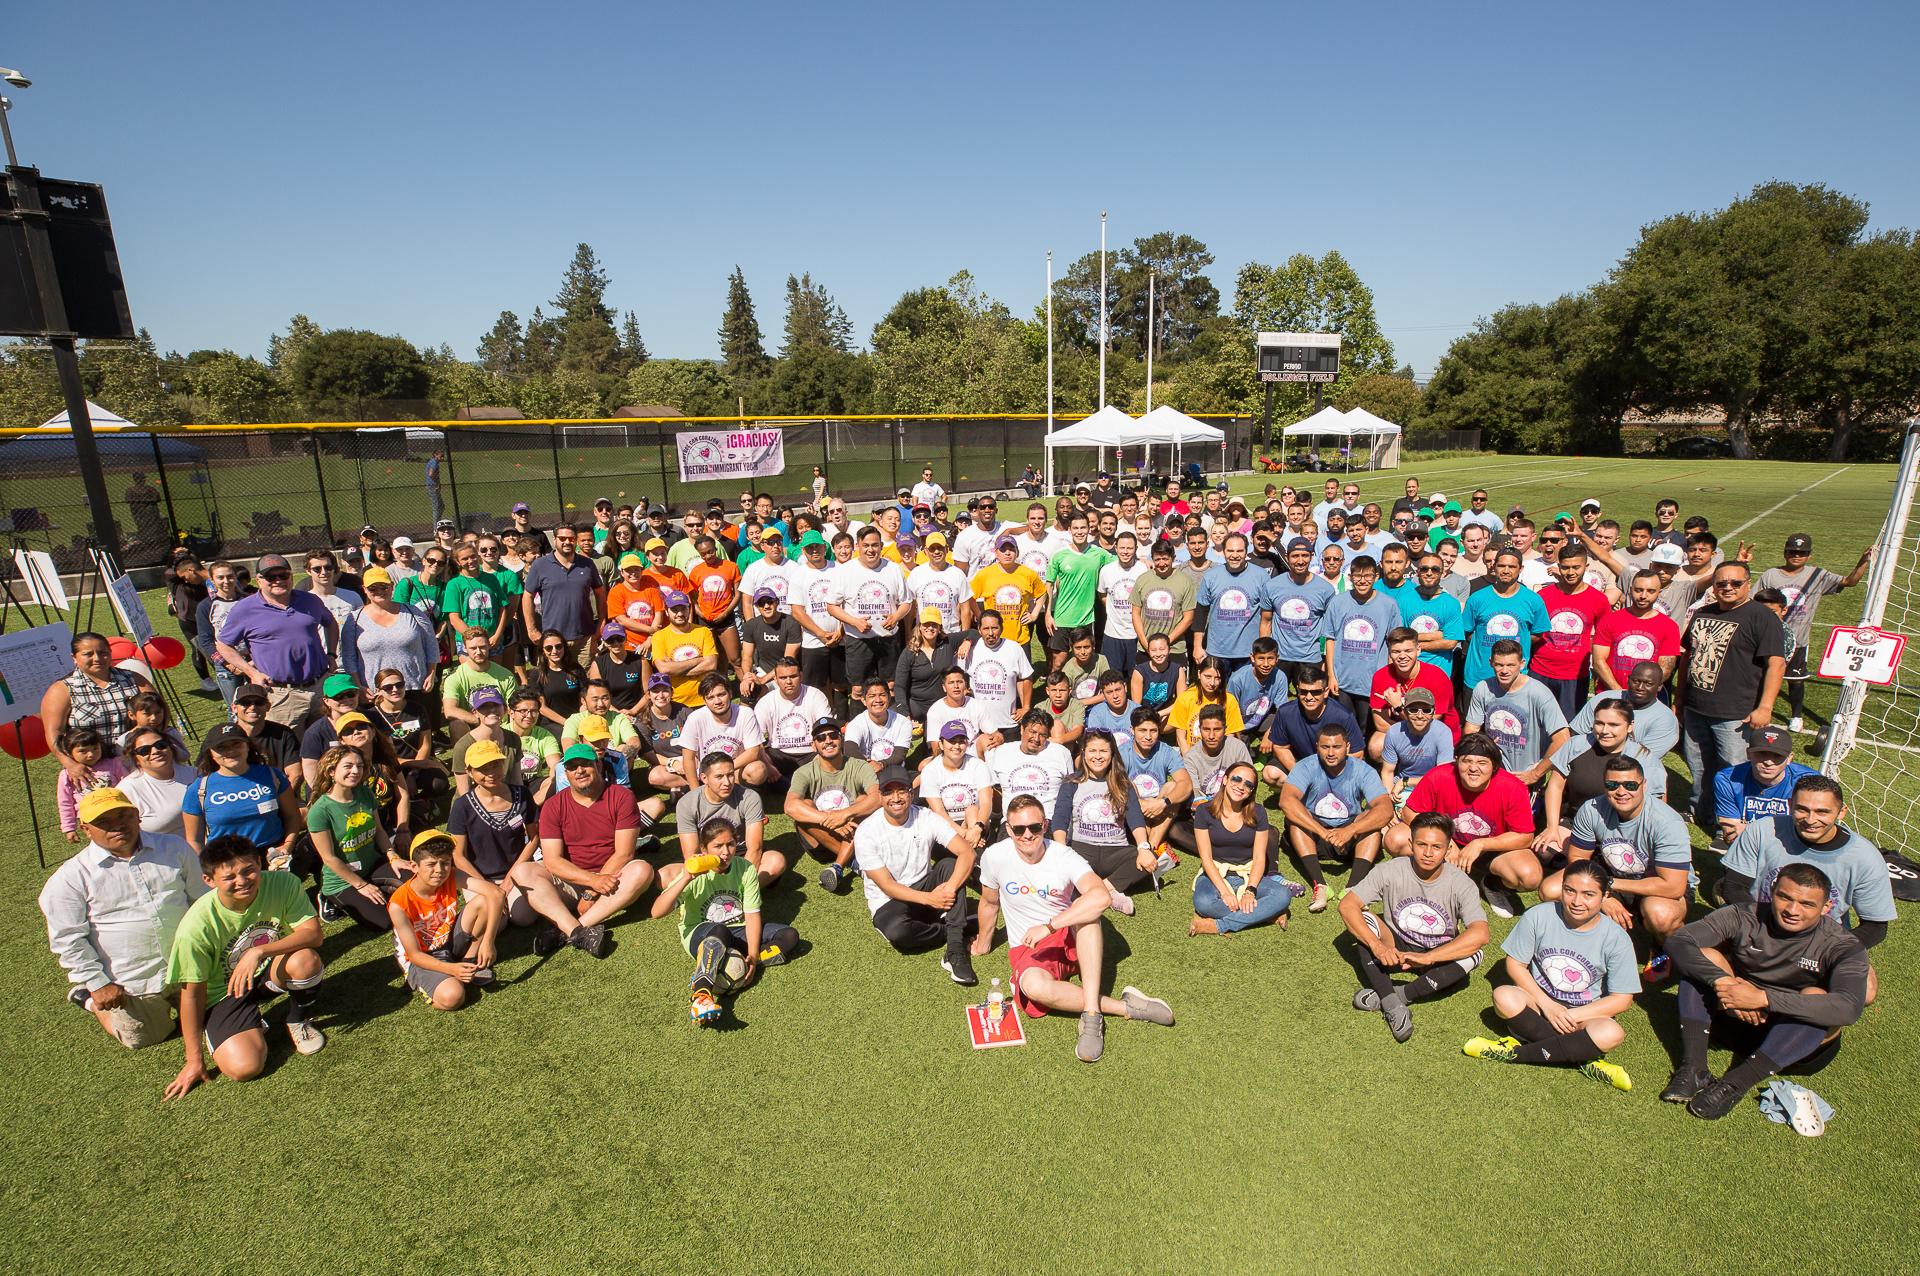 Futbol con Corazon all teams